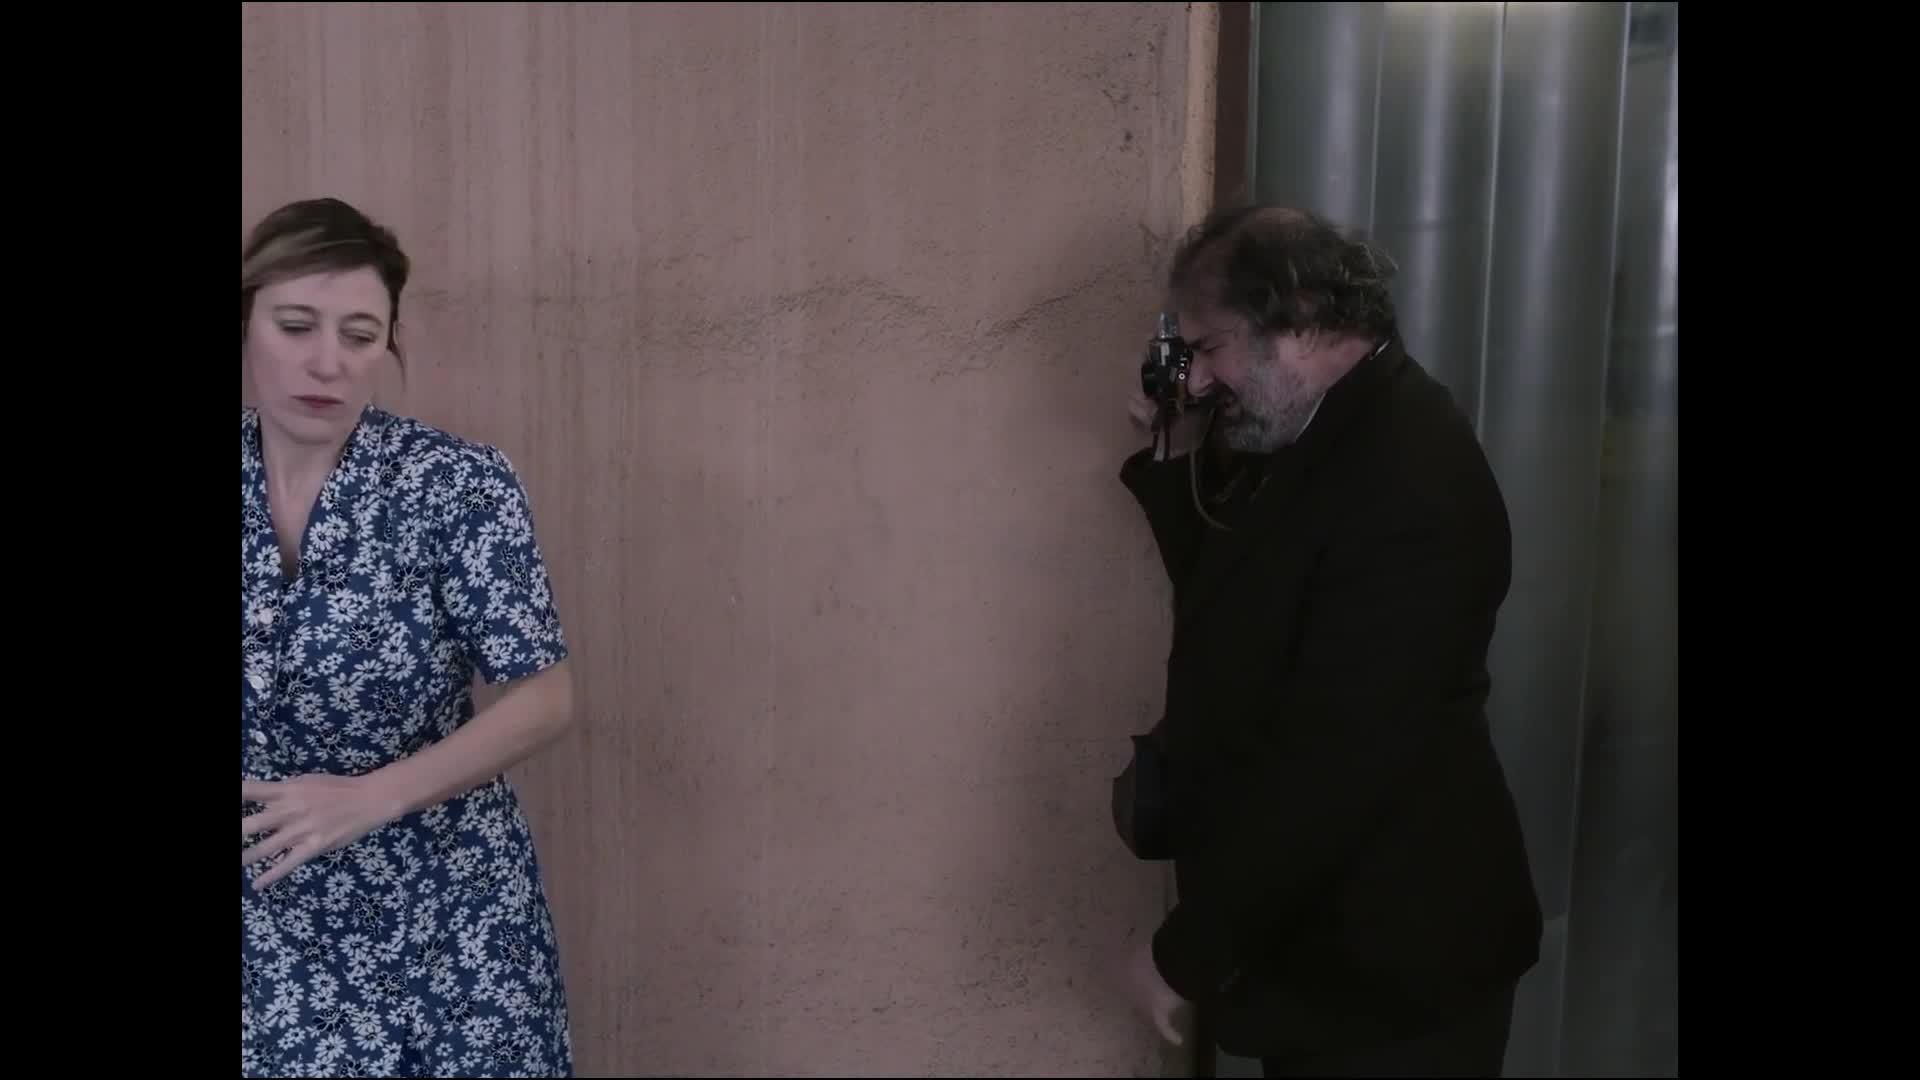 为了拍个笑脸,男子用这样的方法逗女孩开心,有意思